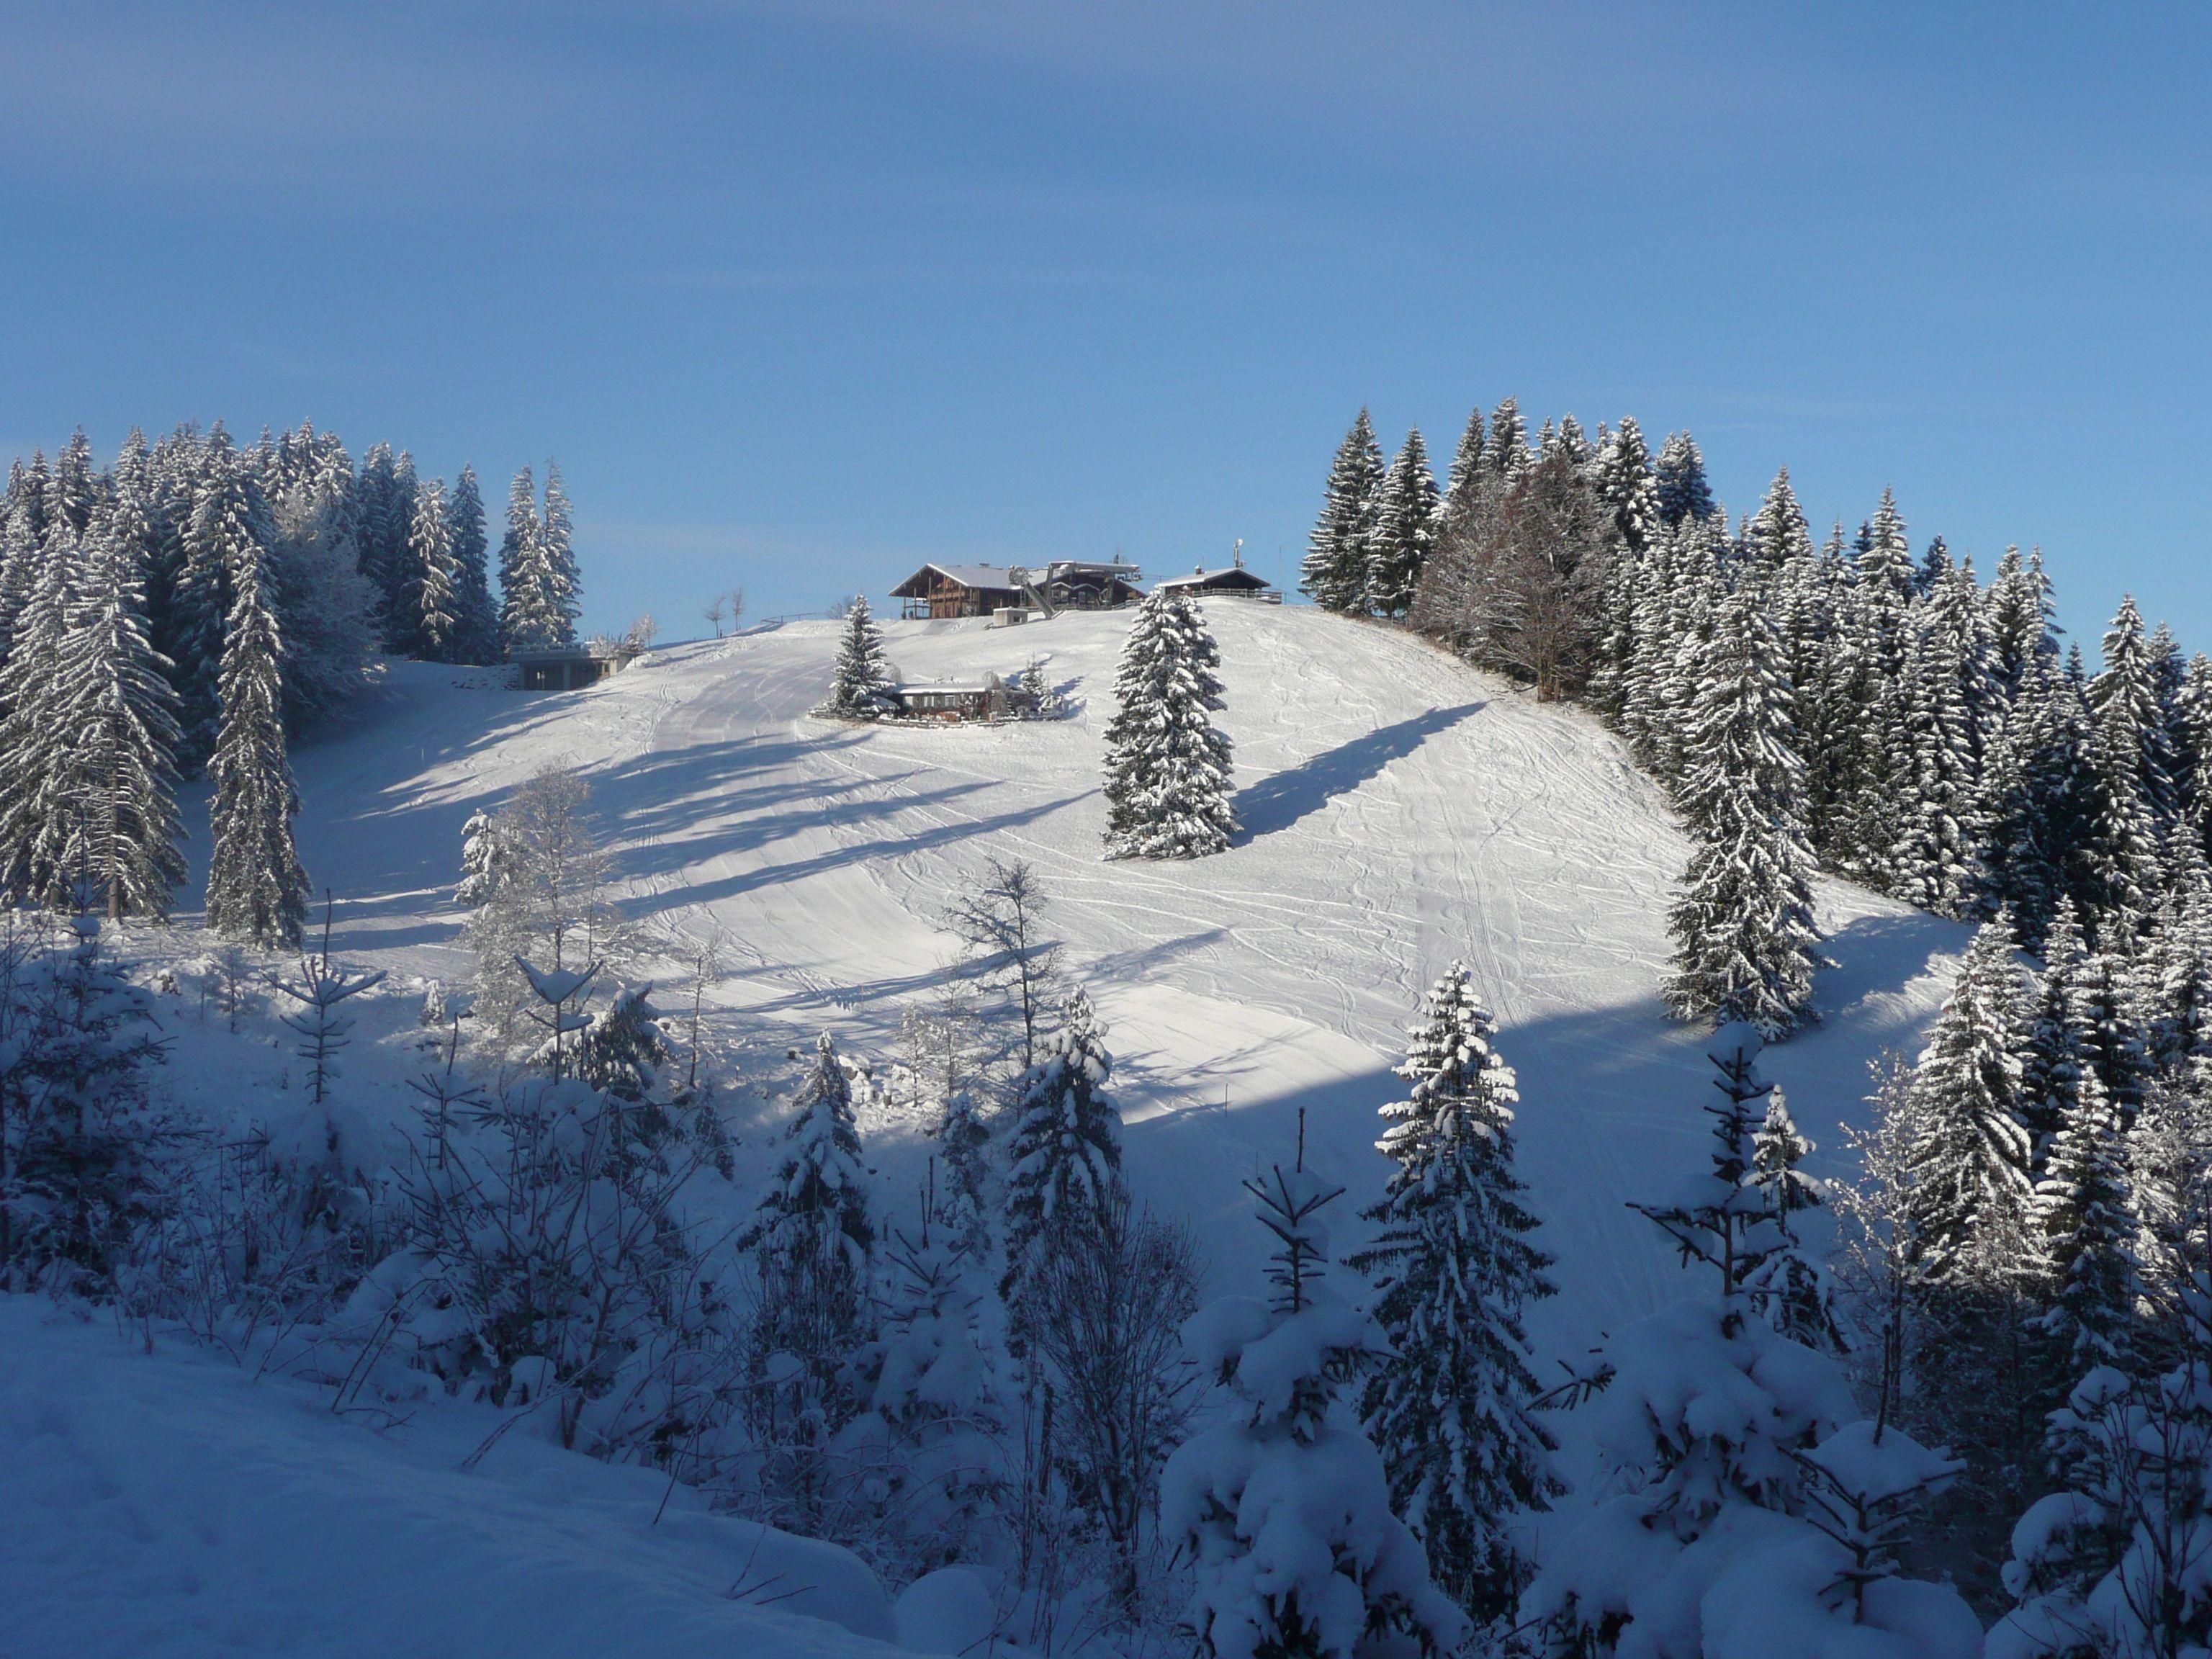 Besonderer Beliebtheit Erfreuen Sich Winterliche Huttentouren Rund Um Fussen Dabei Erwarten Einen Reizvolle Naturimpressionen Tol Skier Berg Huttentouren